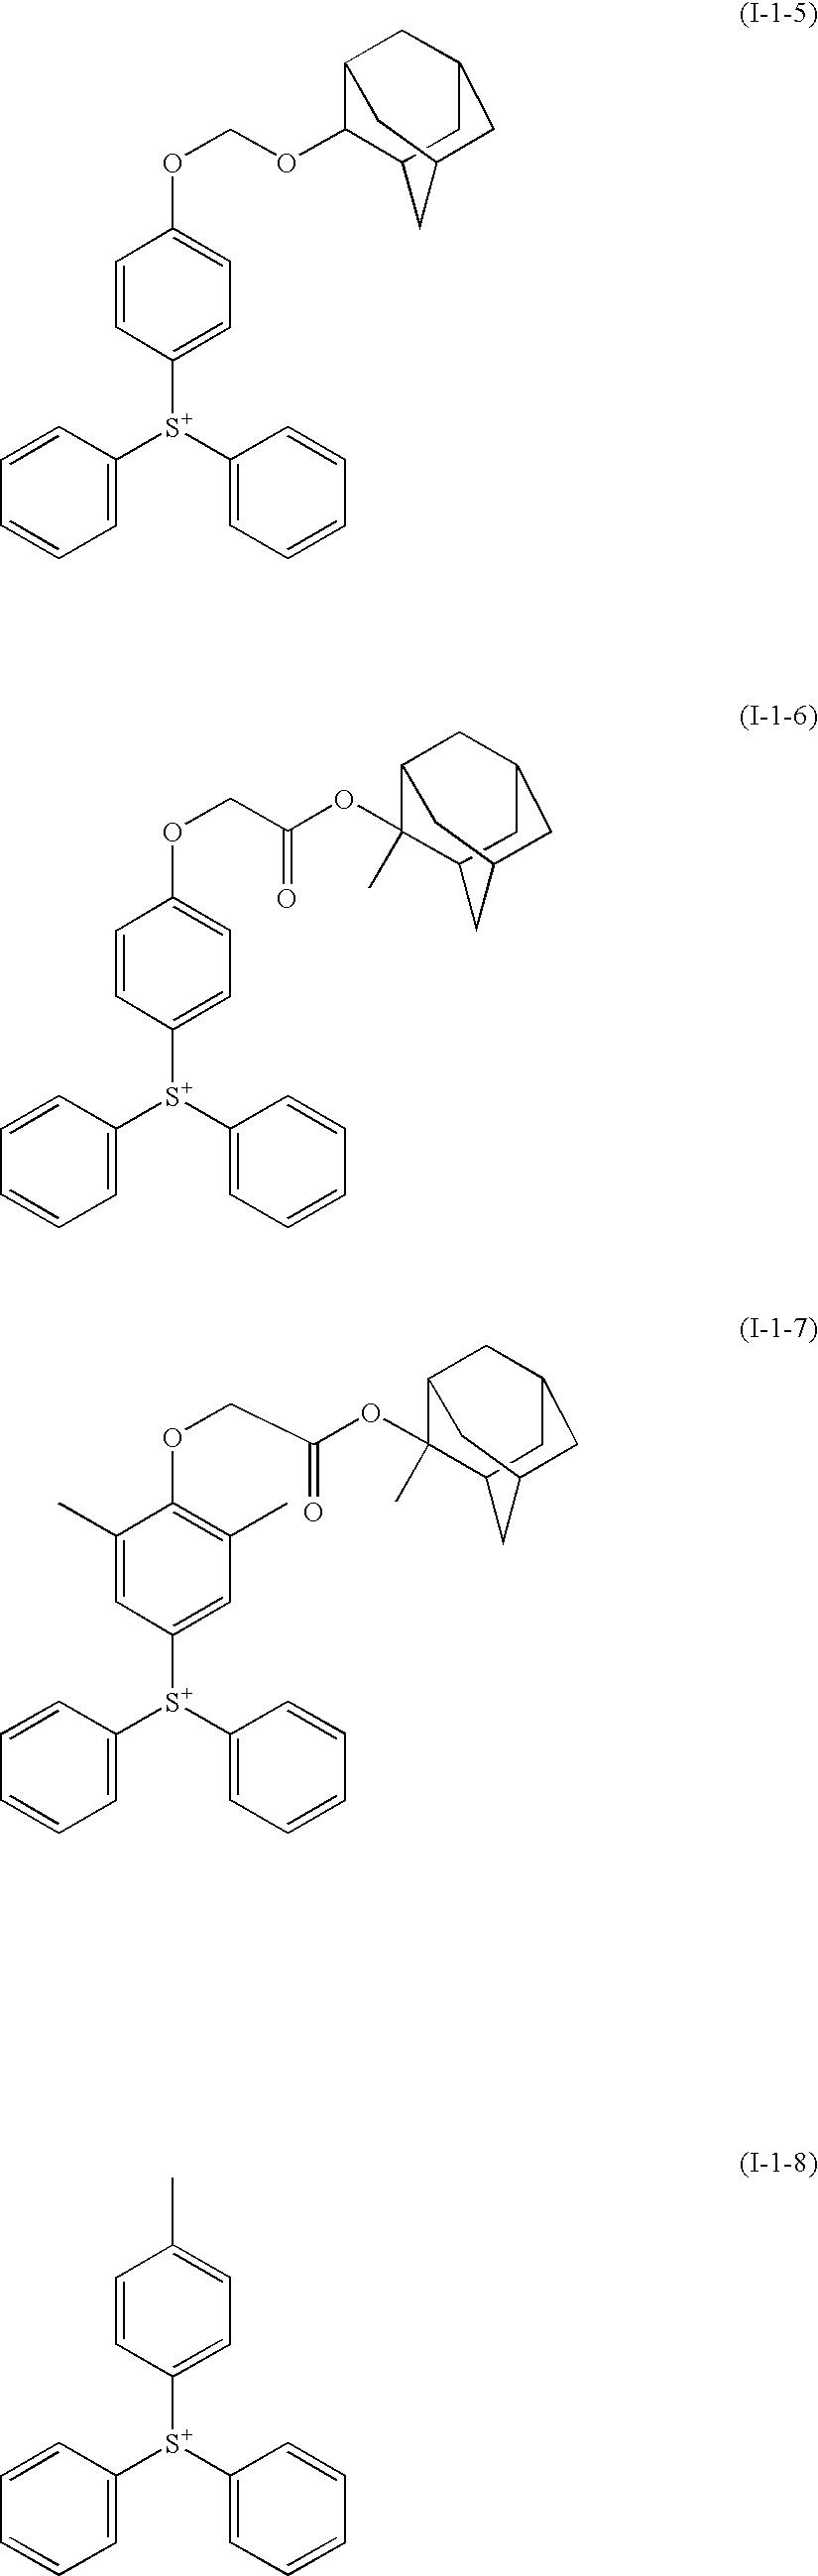 Figure US20100196821A1-20100805-C00086